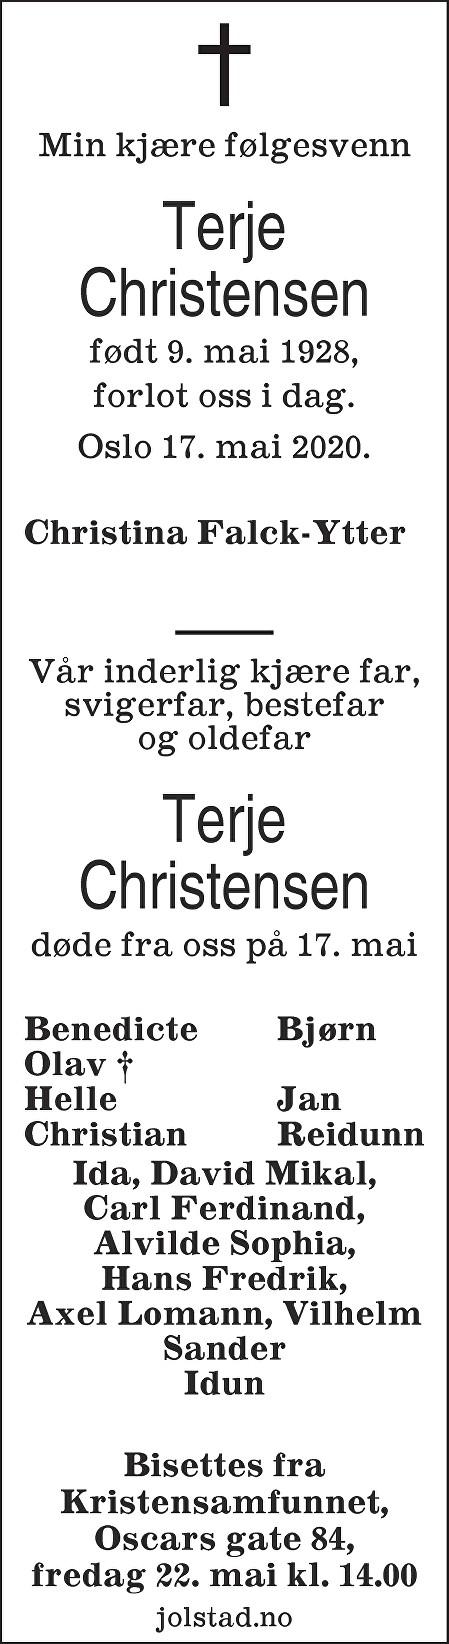 Terje Christensen Dødsannonse